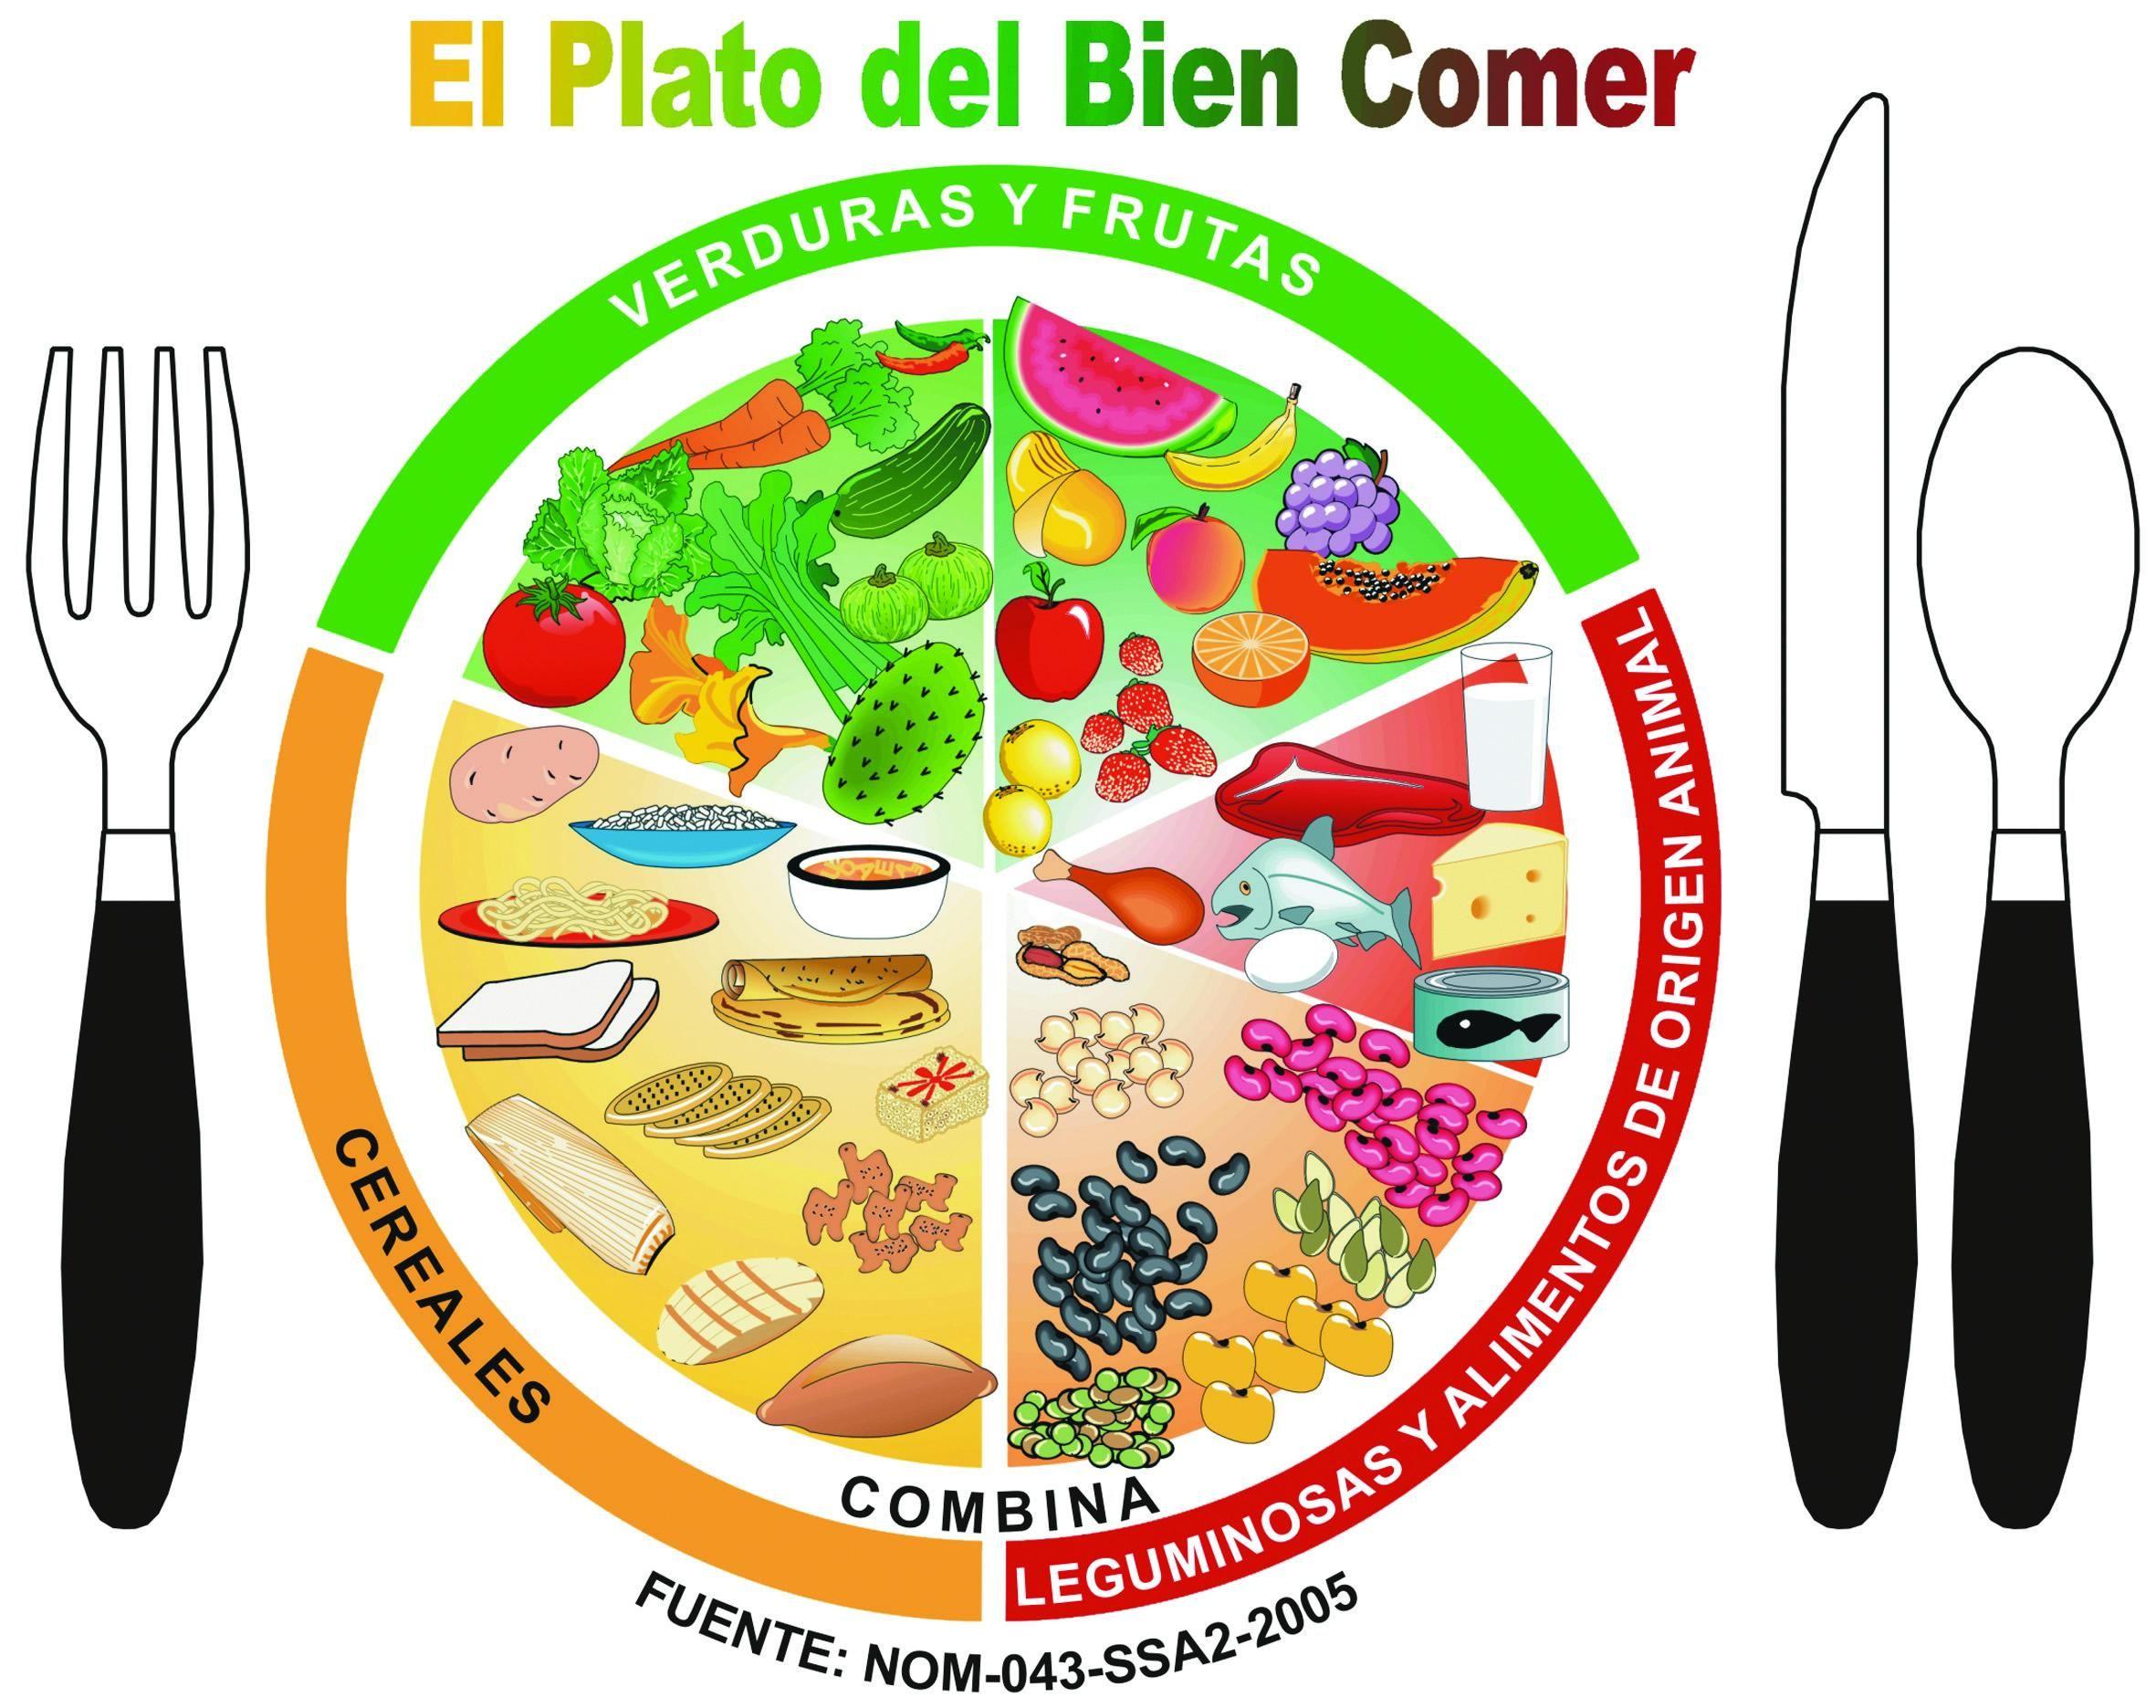 El Plato Del Bien Comer Consejosnutriciosspot